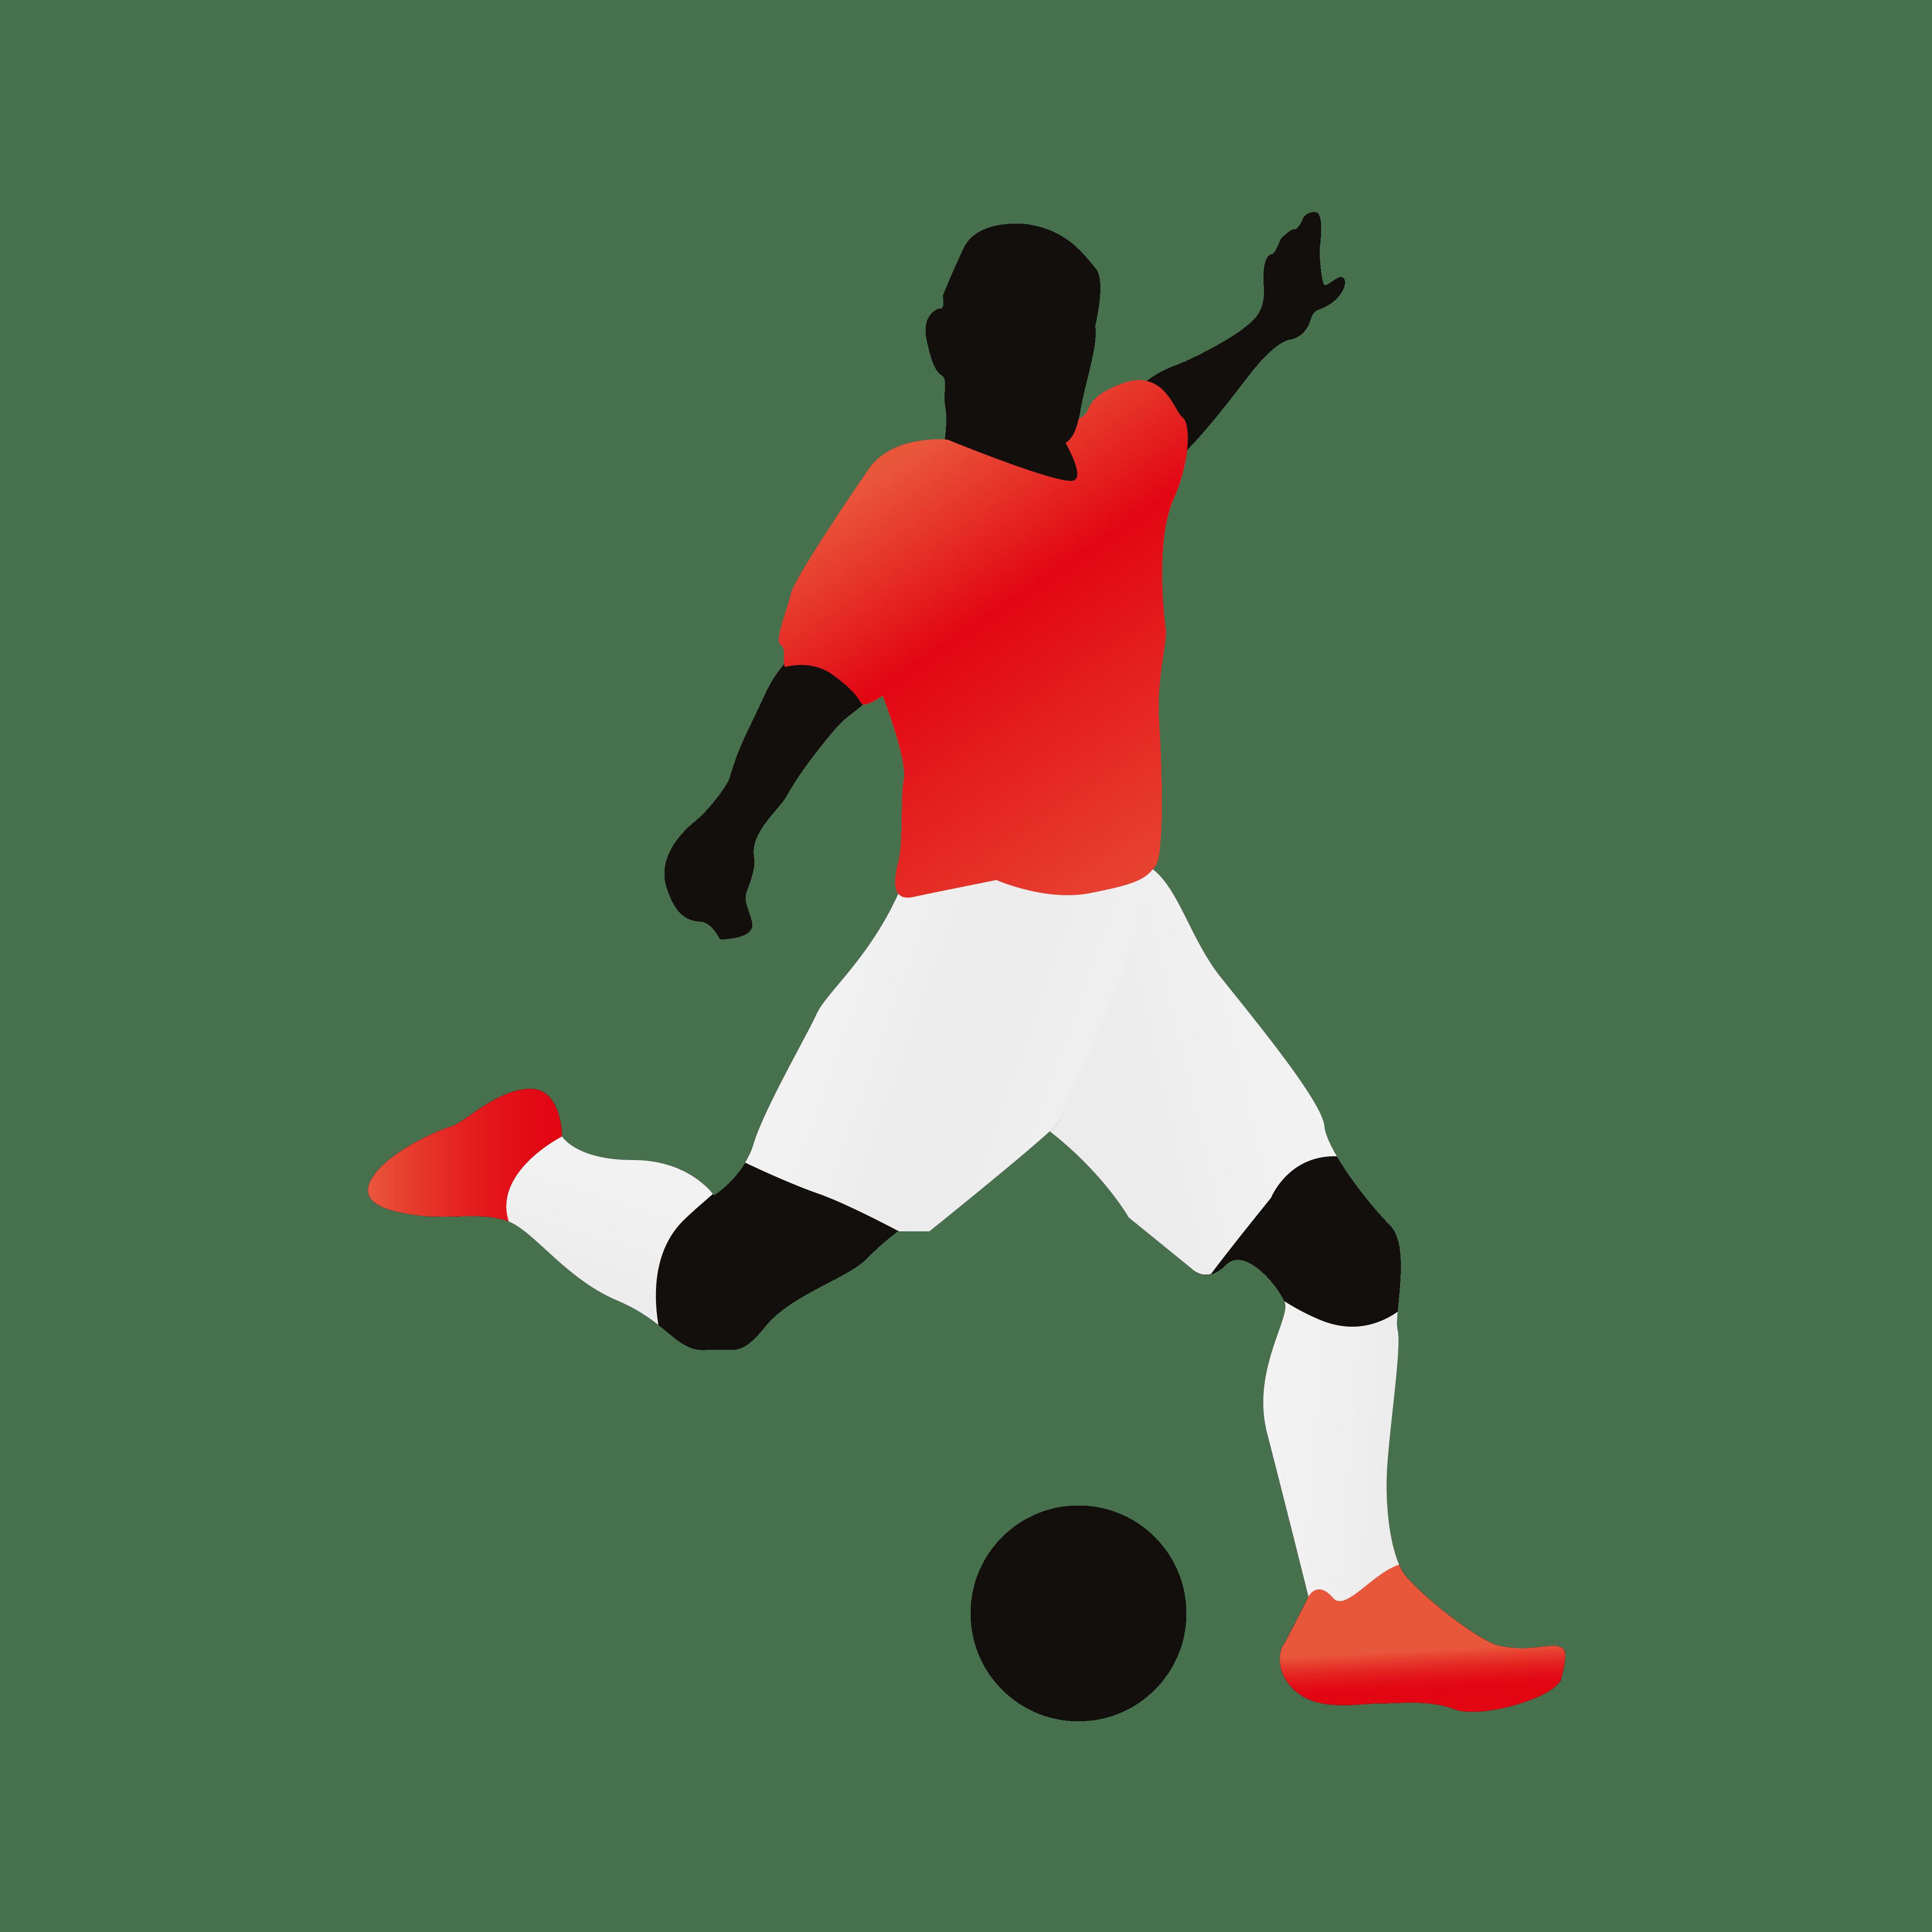 Fussball_Zeichenfläche 1